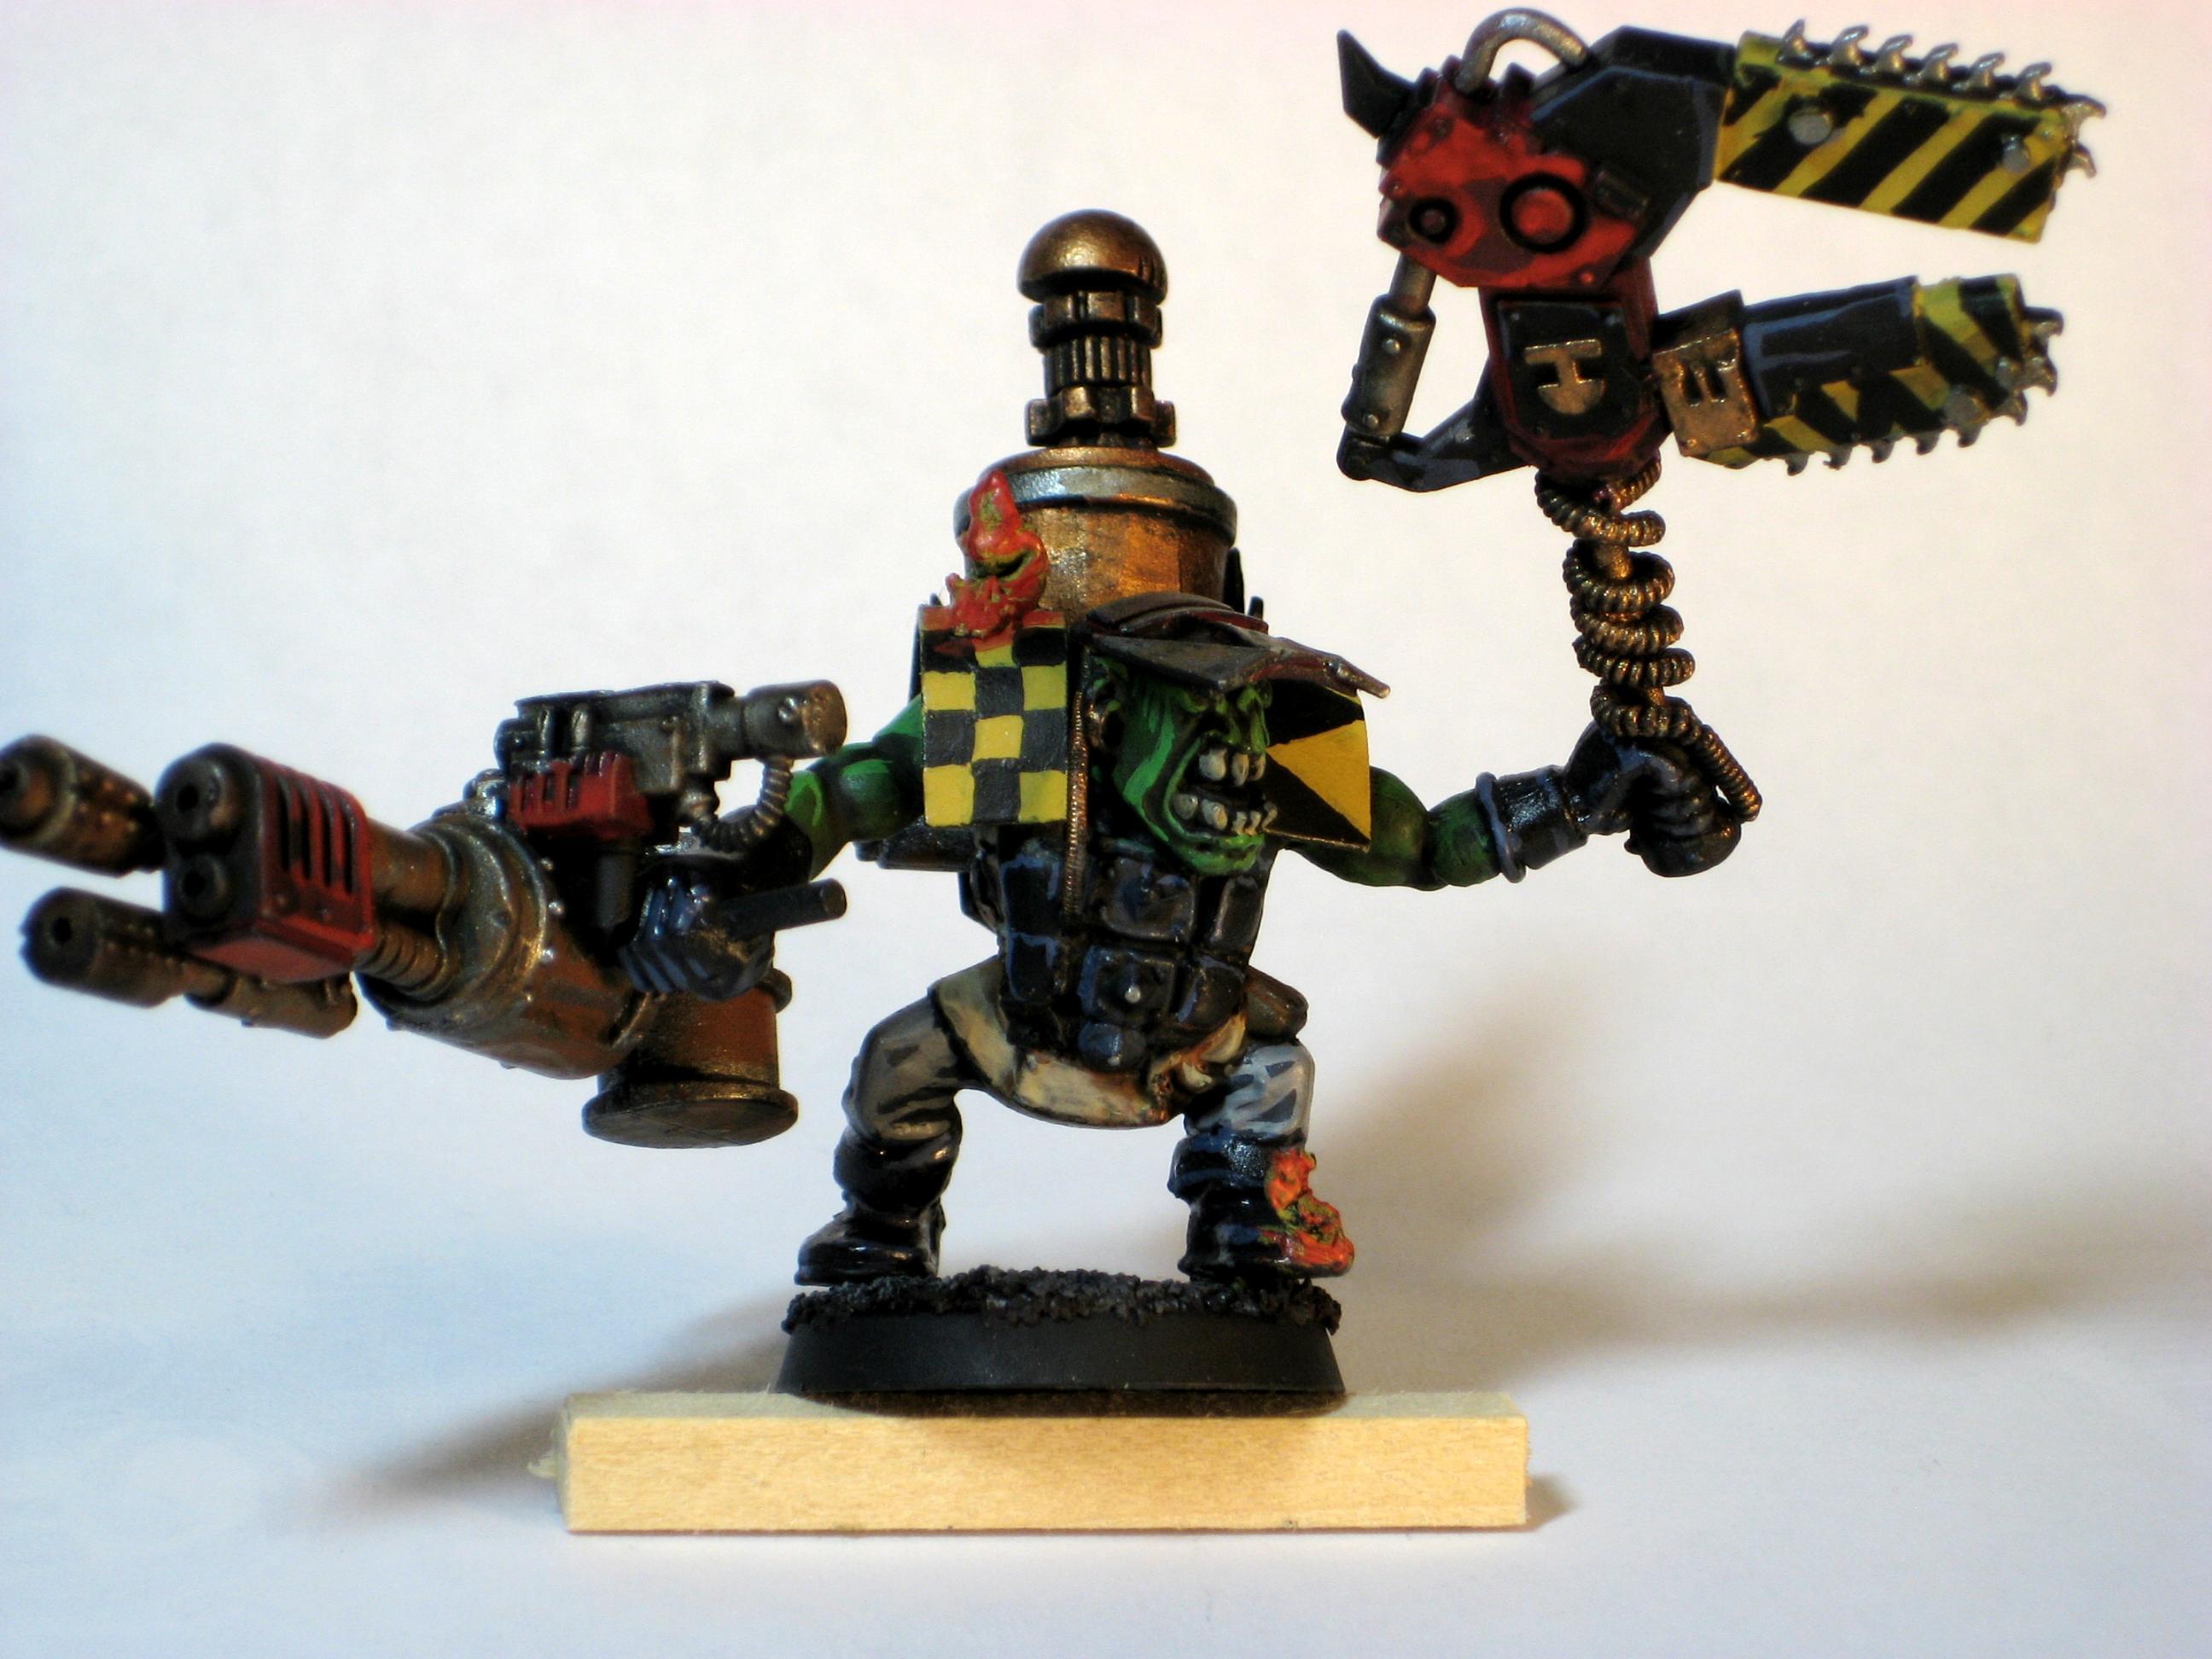 Mekboy, Orks, Ork Mek 2